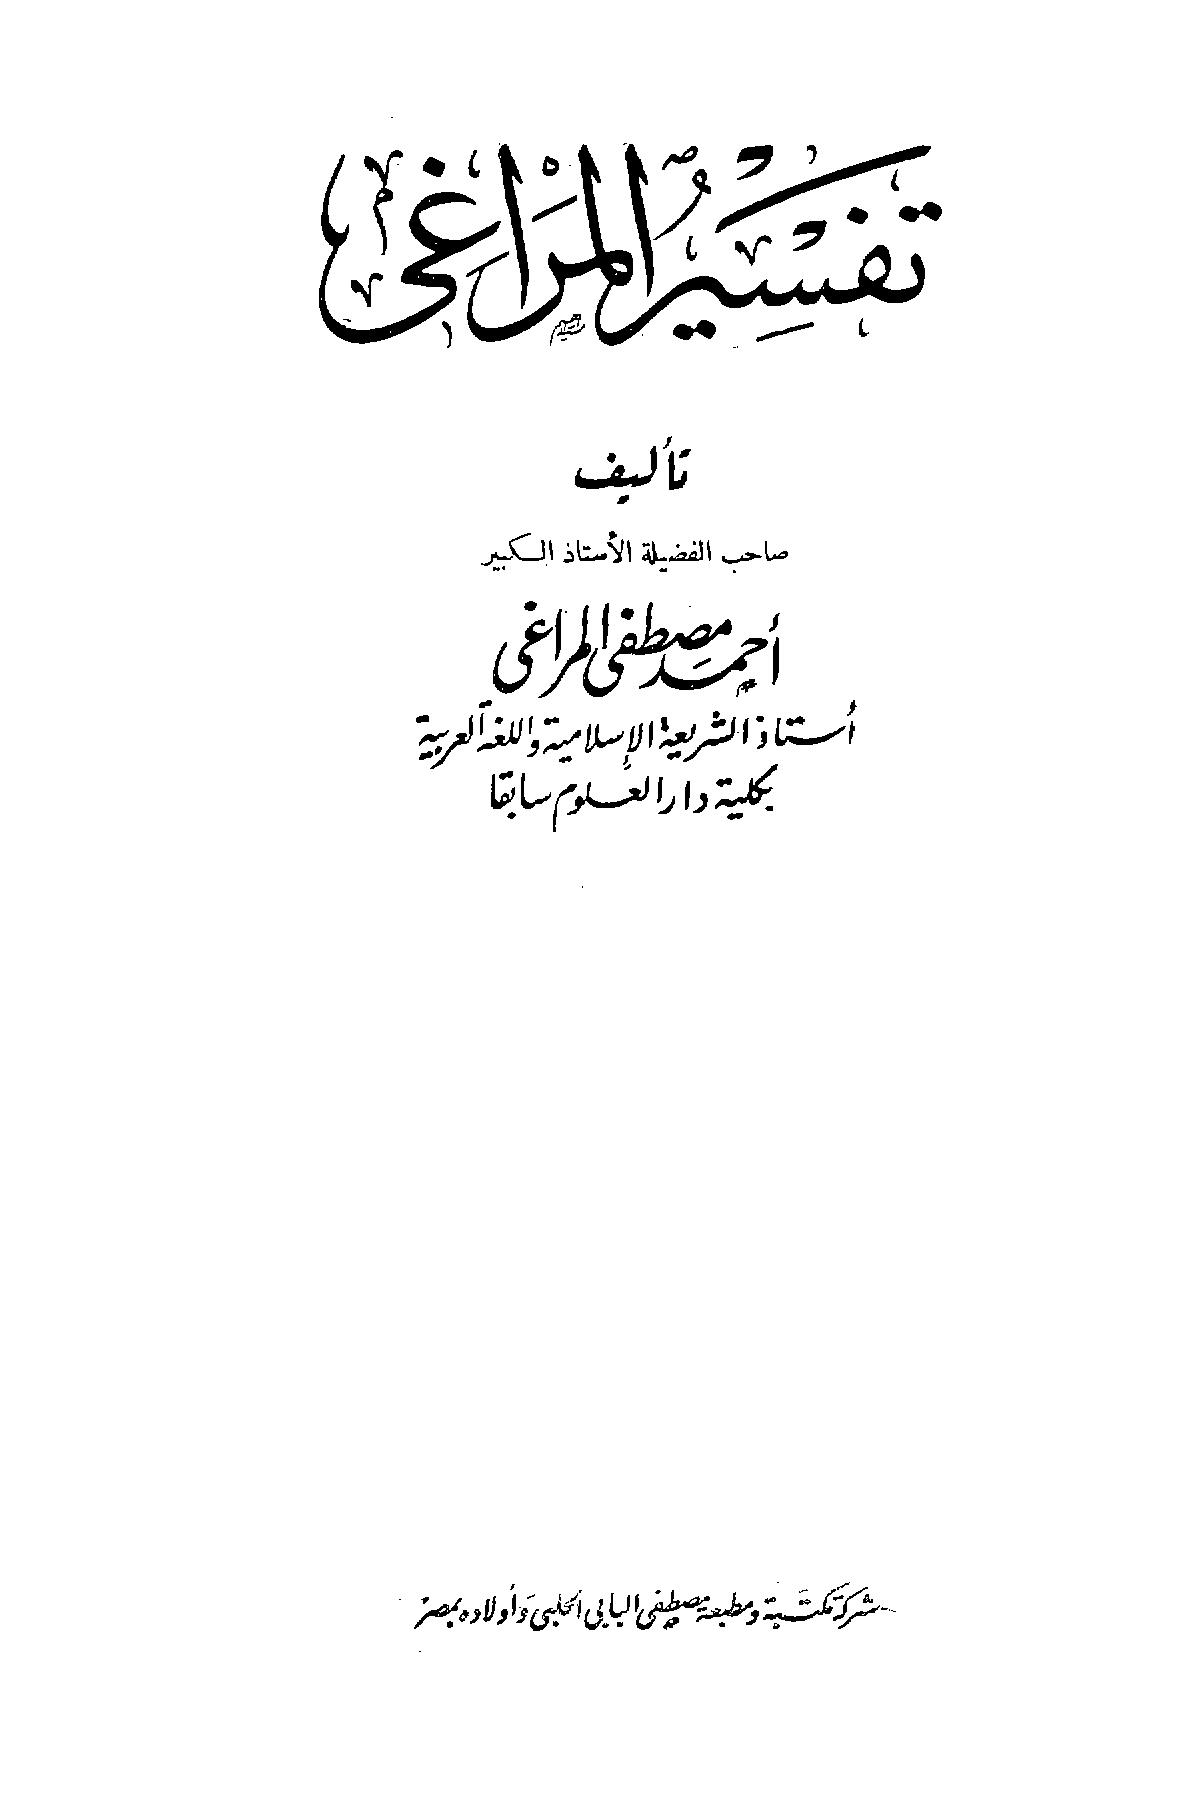 تحميل كتاب تفسير المراغي لـِ: الشيخ أحمد بن مصطفى المراغي (ت 1371)